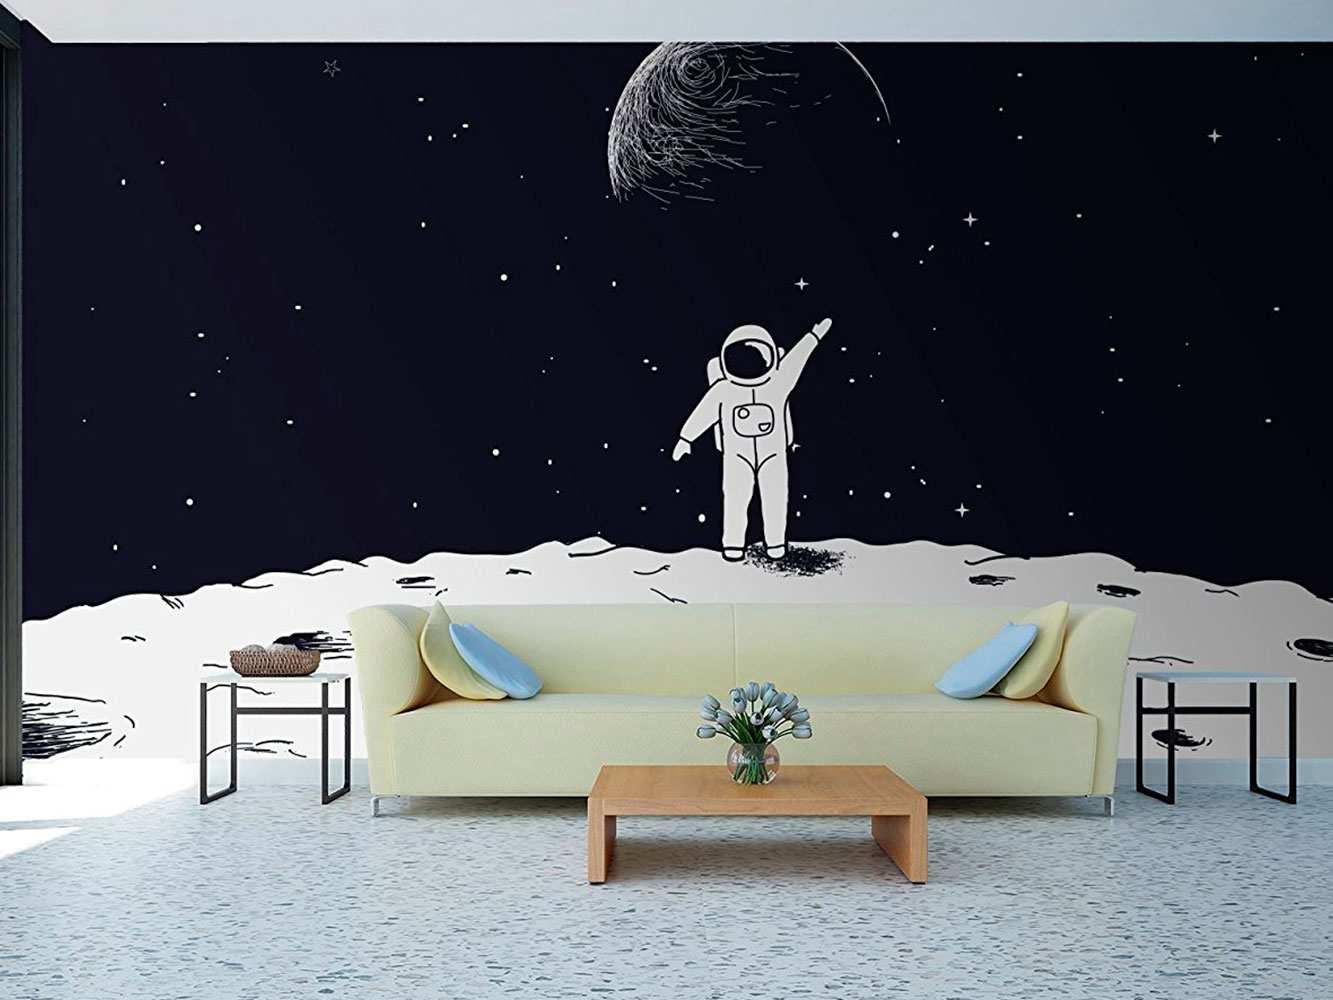 Fotomural Papel Pintado Astronauta en la Luna | Carteles XXL - Impresión carteleria publicitaria